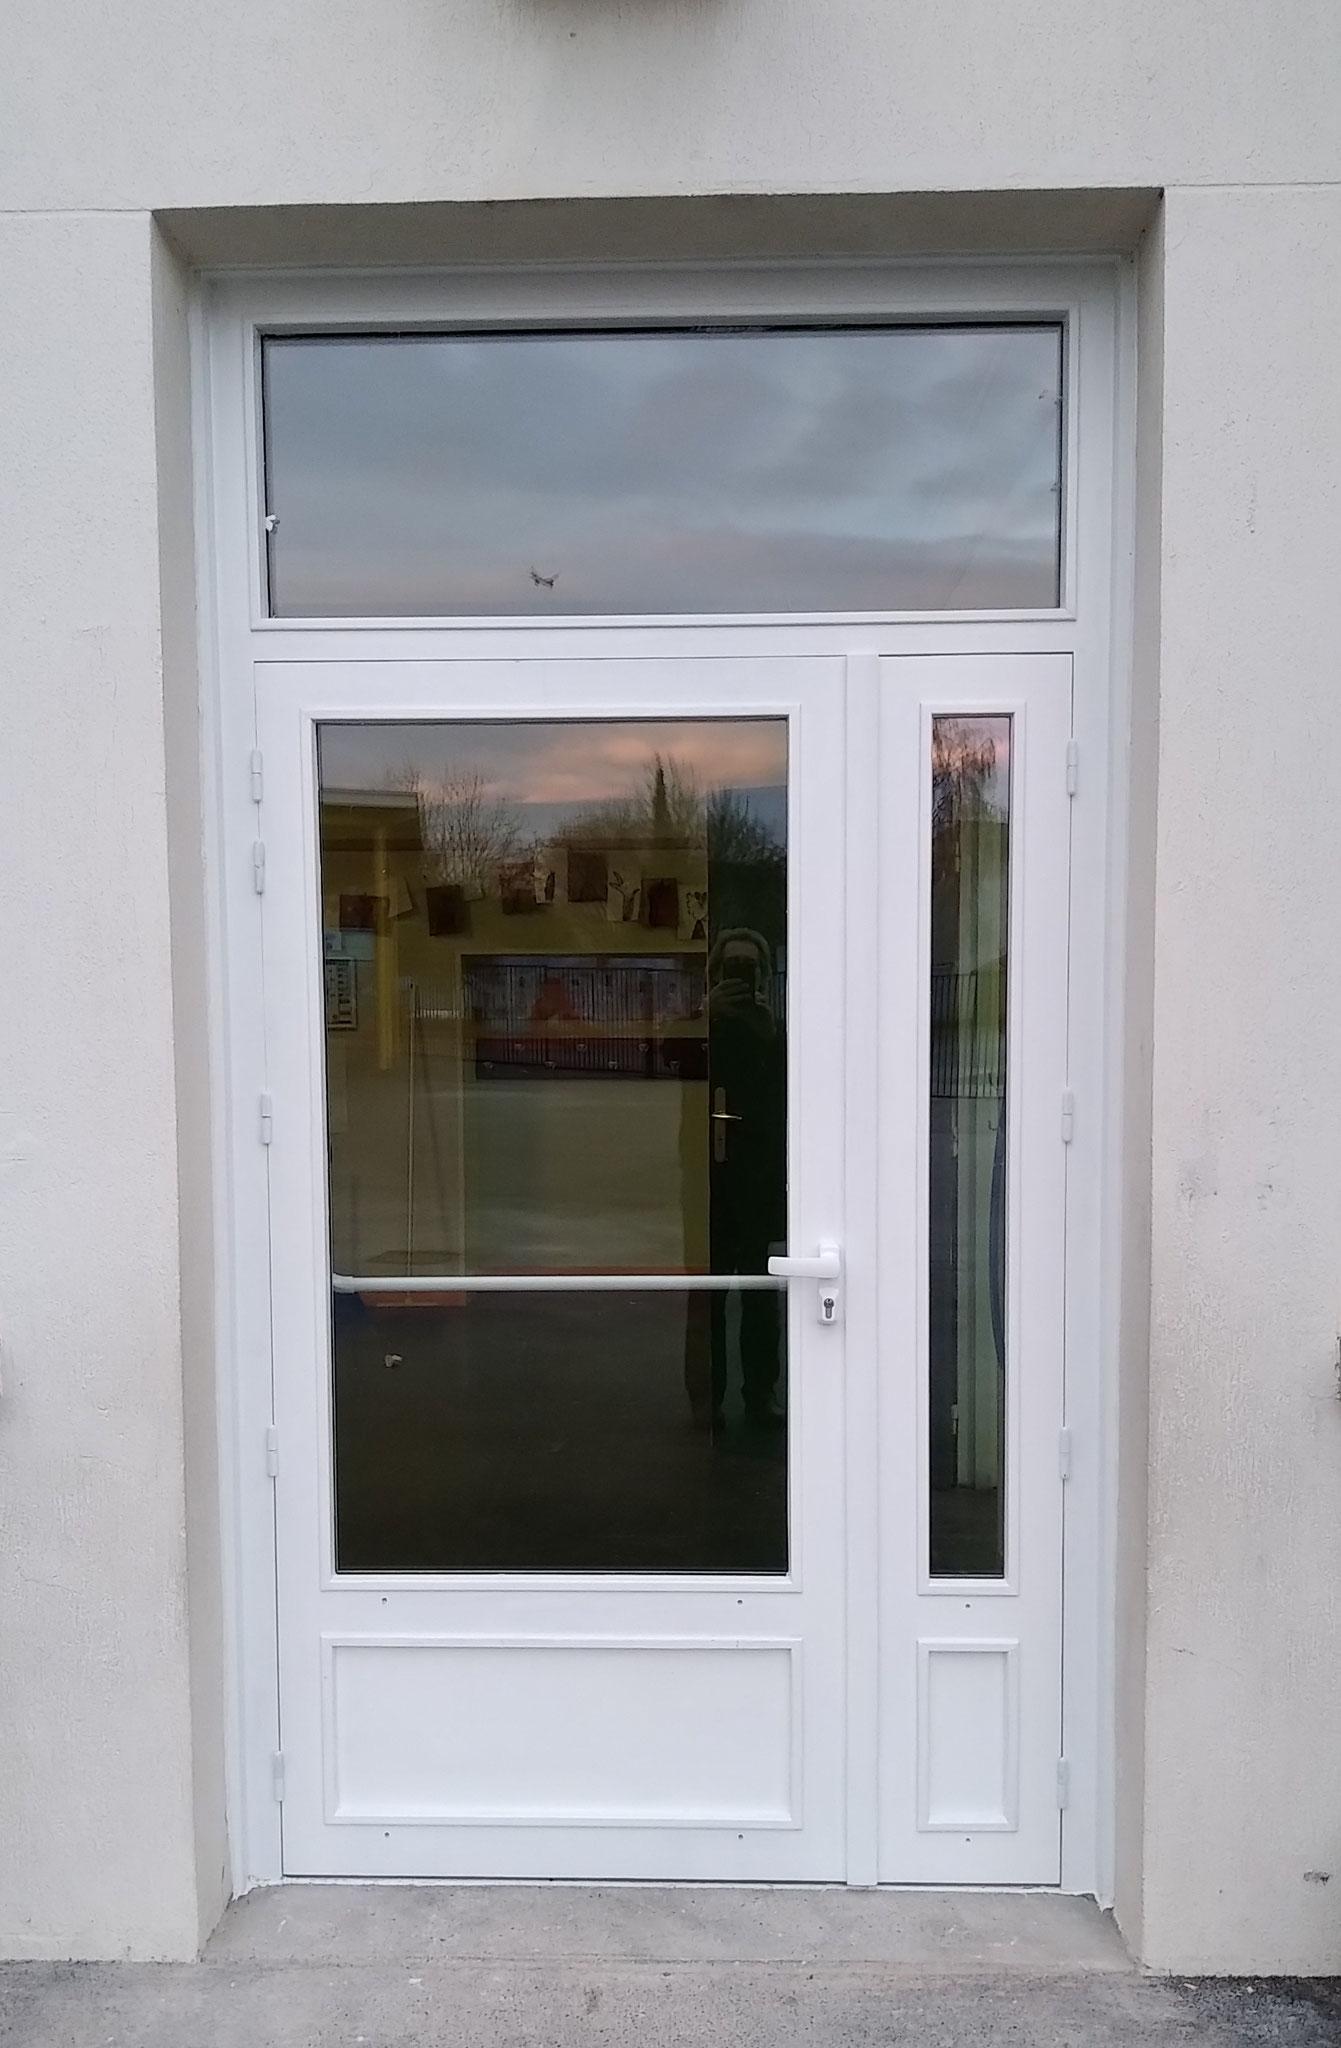 Ensemble 2 vantaux et imposte vitrée fixe